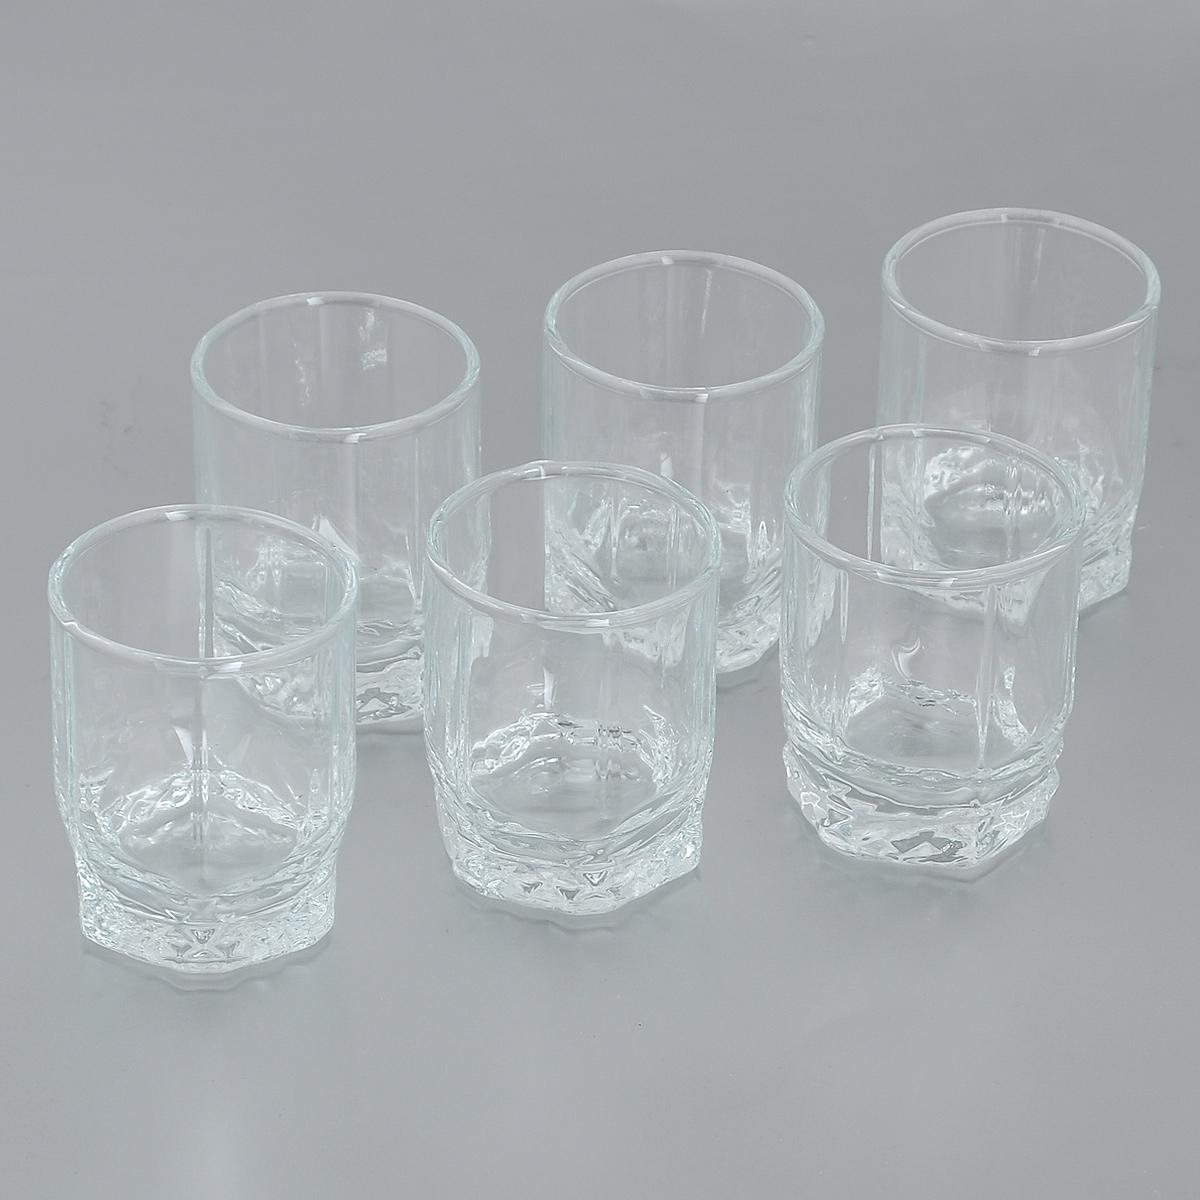 Набор рюмок Pasabahce Valse, 60 мл, 6 шт42294GRBНабор Pasabahce Valse состоит из шести рюмок, изготовленных из прочного натрий-кальций-силикатного стекла. Изделия, предназначенные для подачи водки и других спиртных напитков, несомненно придутся вам по душе. Рюмки, оснащенные рельефной многогранной поверхностью, сочетают в себе элегантный дизайн и функциональность. Благодаря такому набору пить напитки будет еще вкуснее. Набор рюмок Pasabahce Valse идеально подойдет для сервировки стола и станет отличным подарком к любому празднику. Можно мыть в посудомоечной машине и использовать в микроволновой печи. Диаметр рюмки по верхнему краю: 4,5 см. Высота рюмки: 6 см.